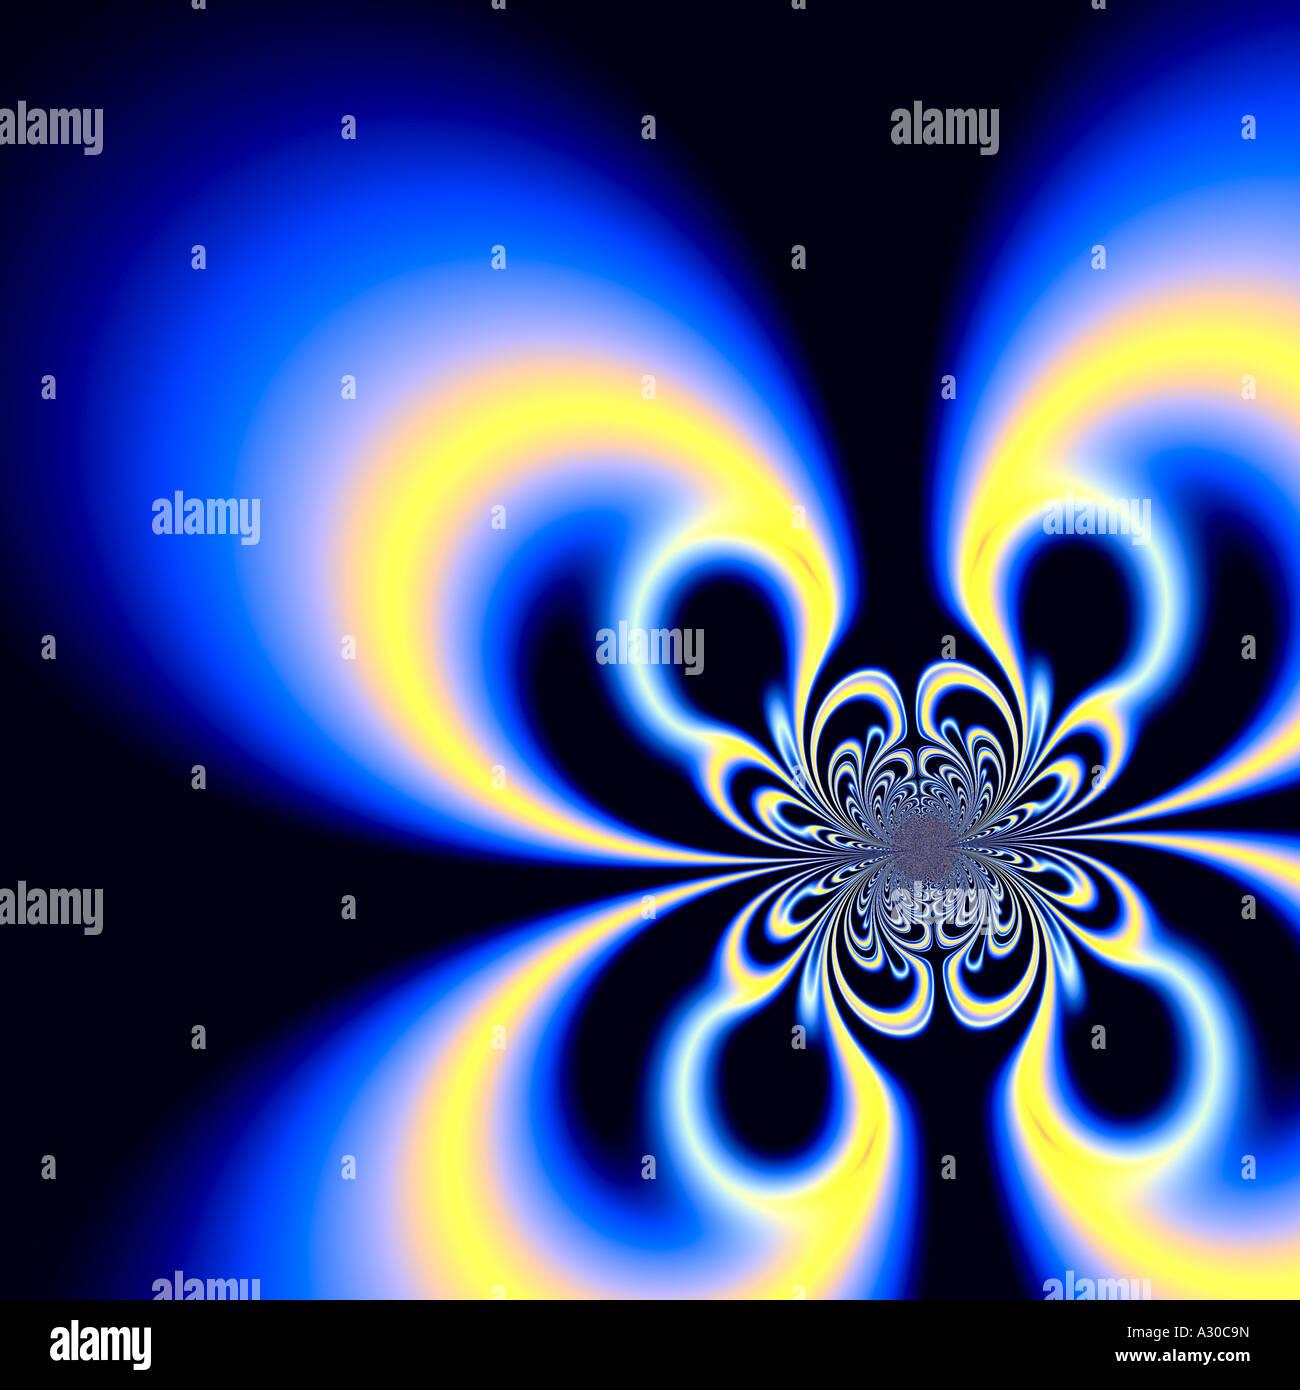 Computer generato frattale amorfo chimera Brillante nube fiction diffuse microcosmo incredibile impulso Immagini Stock